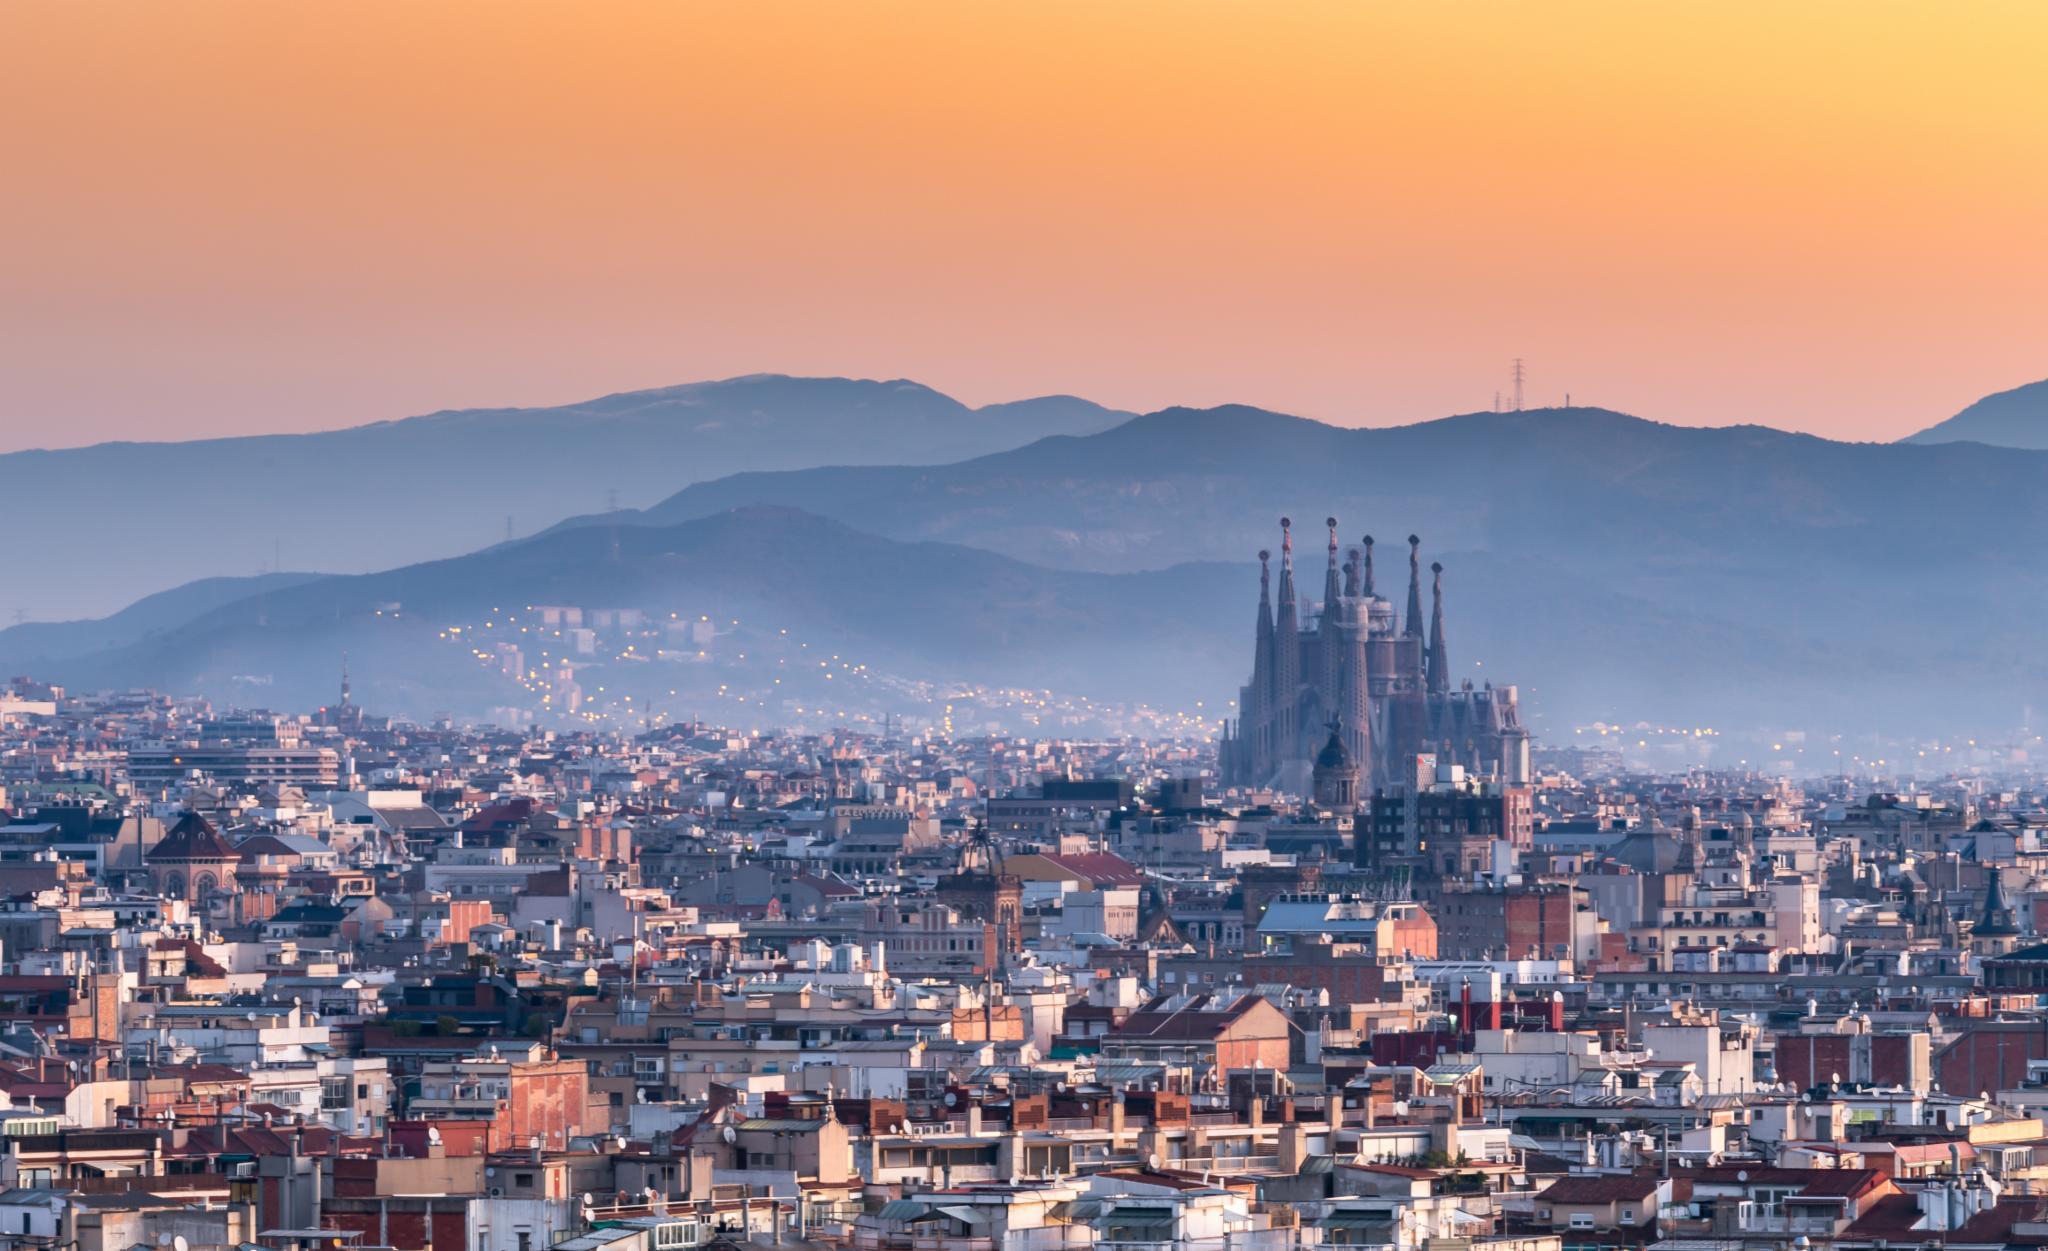 『西班牙最强艺术指南』巴塞罗那&塞维利亚&格拉纳达